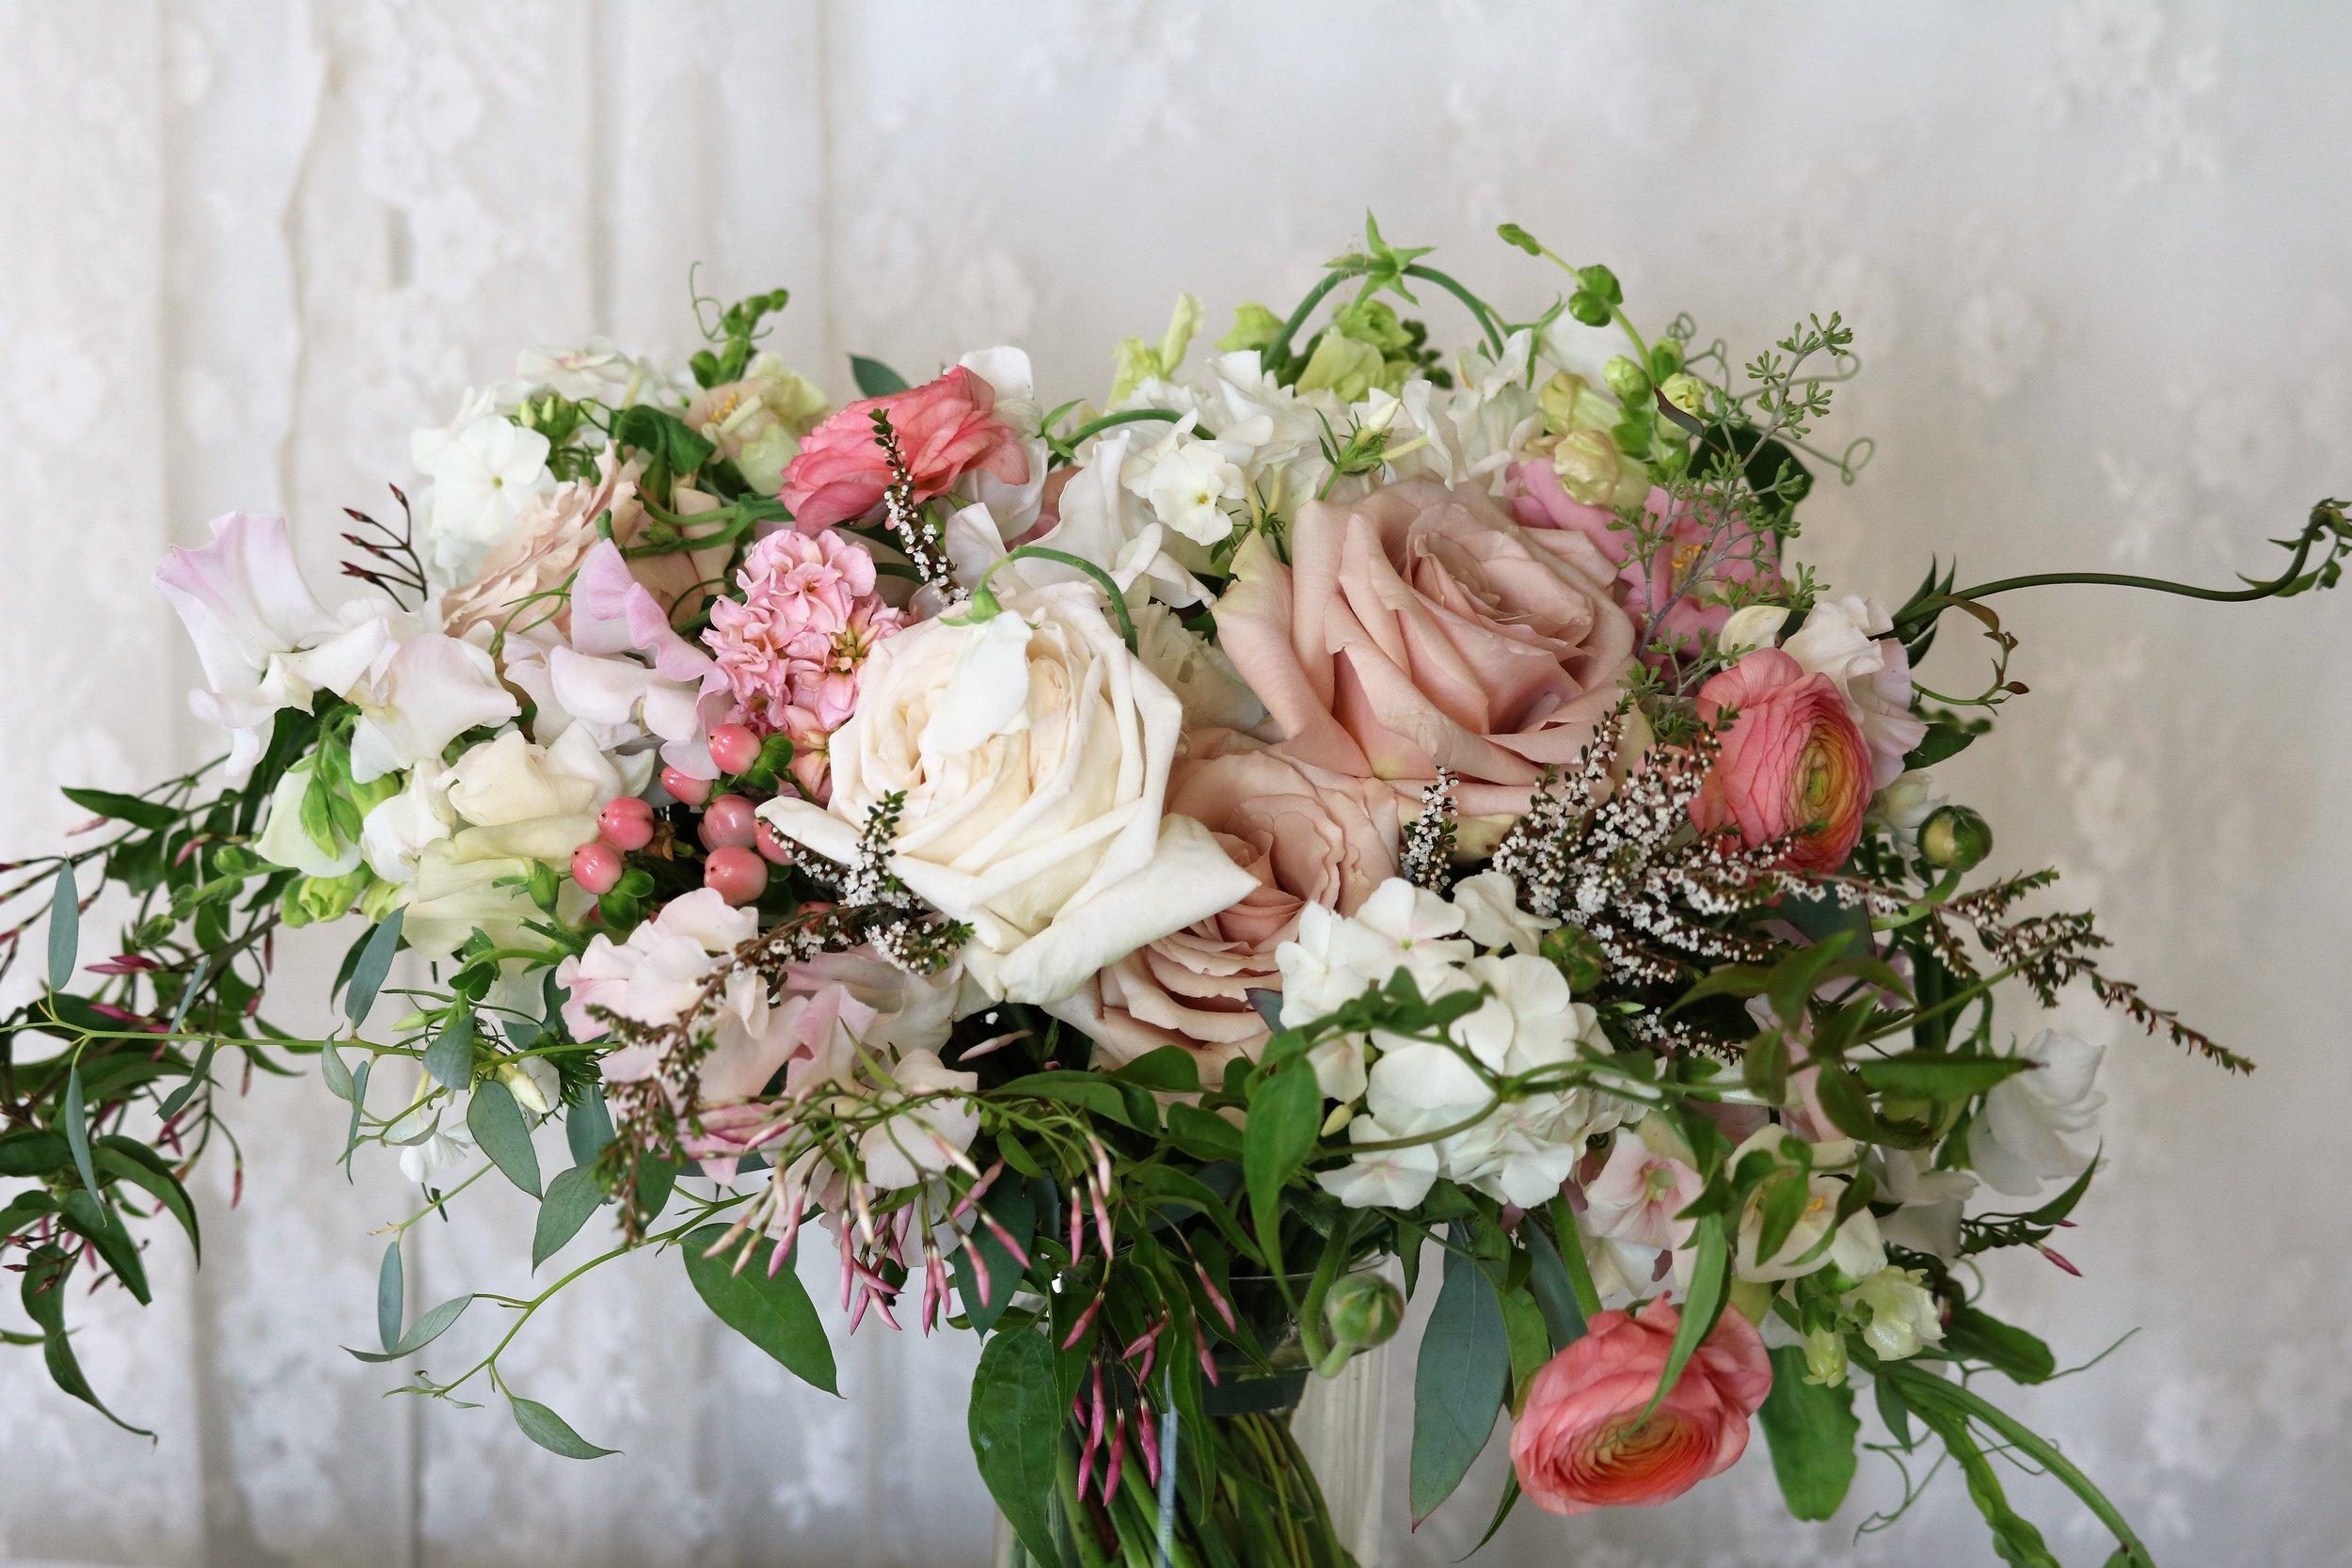 Kristina's Bridal Bouquet